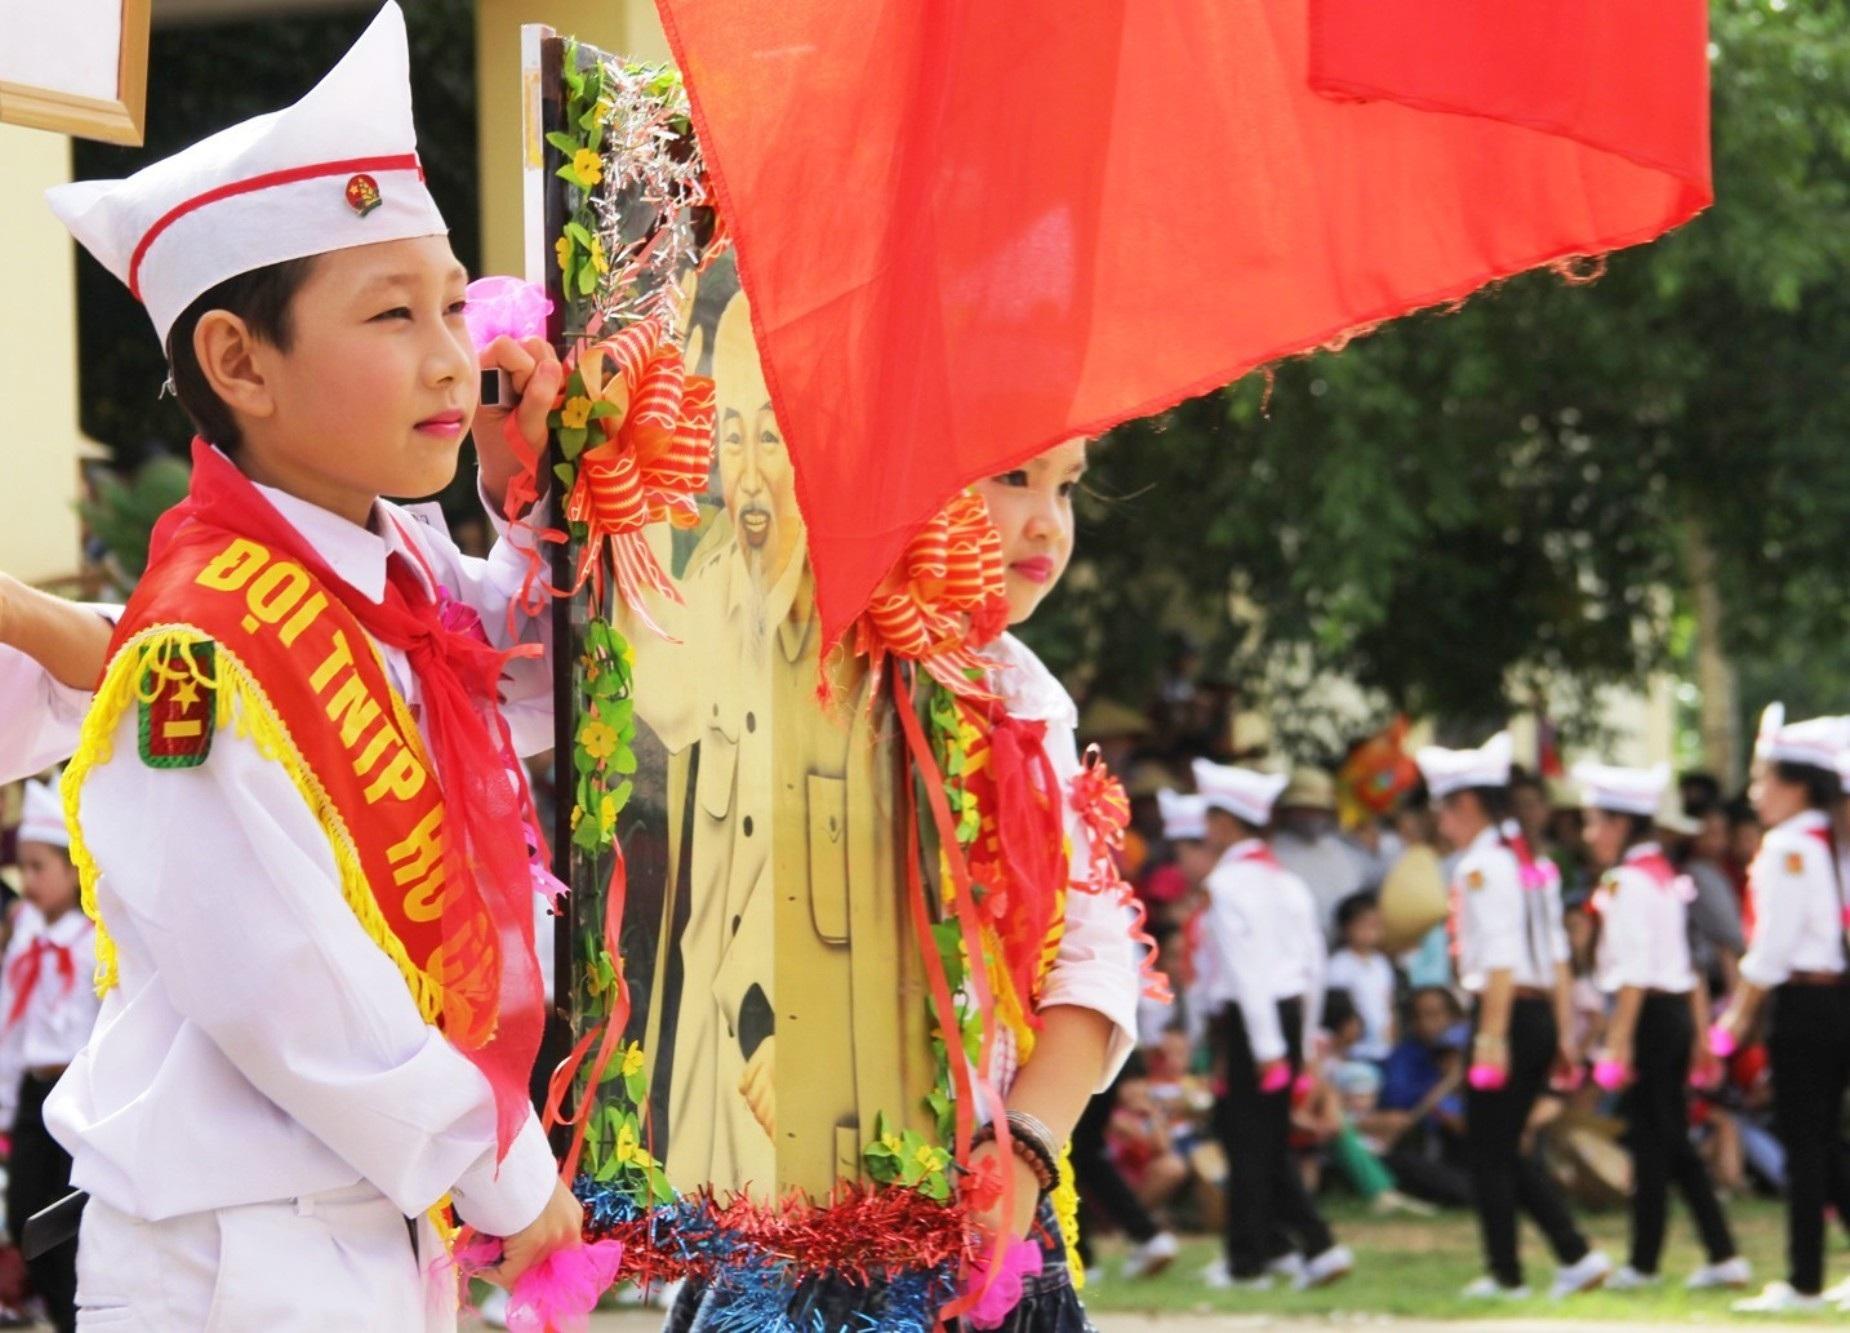 Thiếu nhi rước ảnh Bác Hồ trong ngày Lễ trọng đại của đất nước.